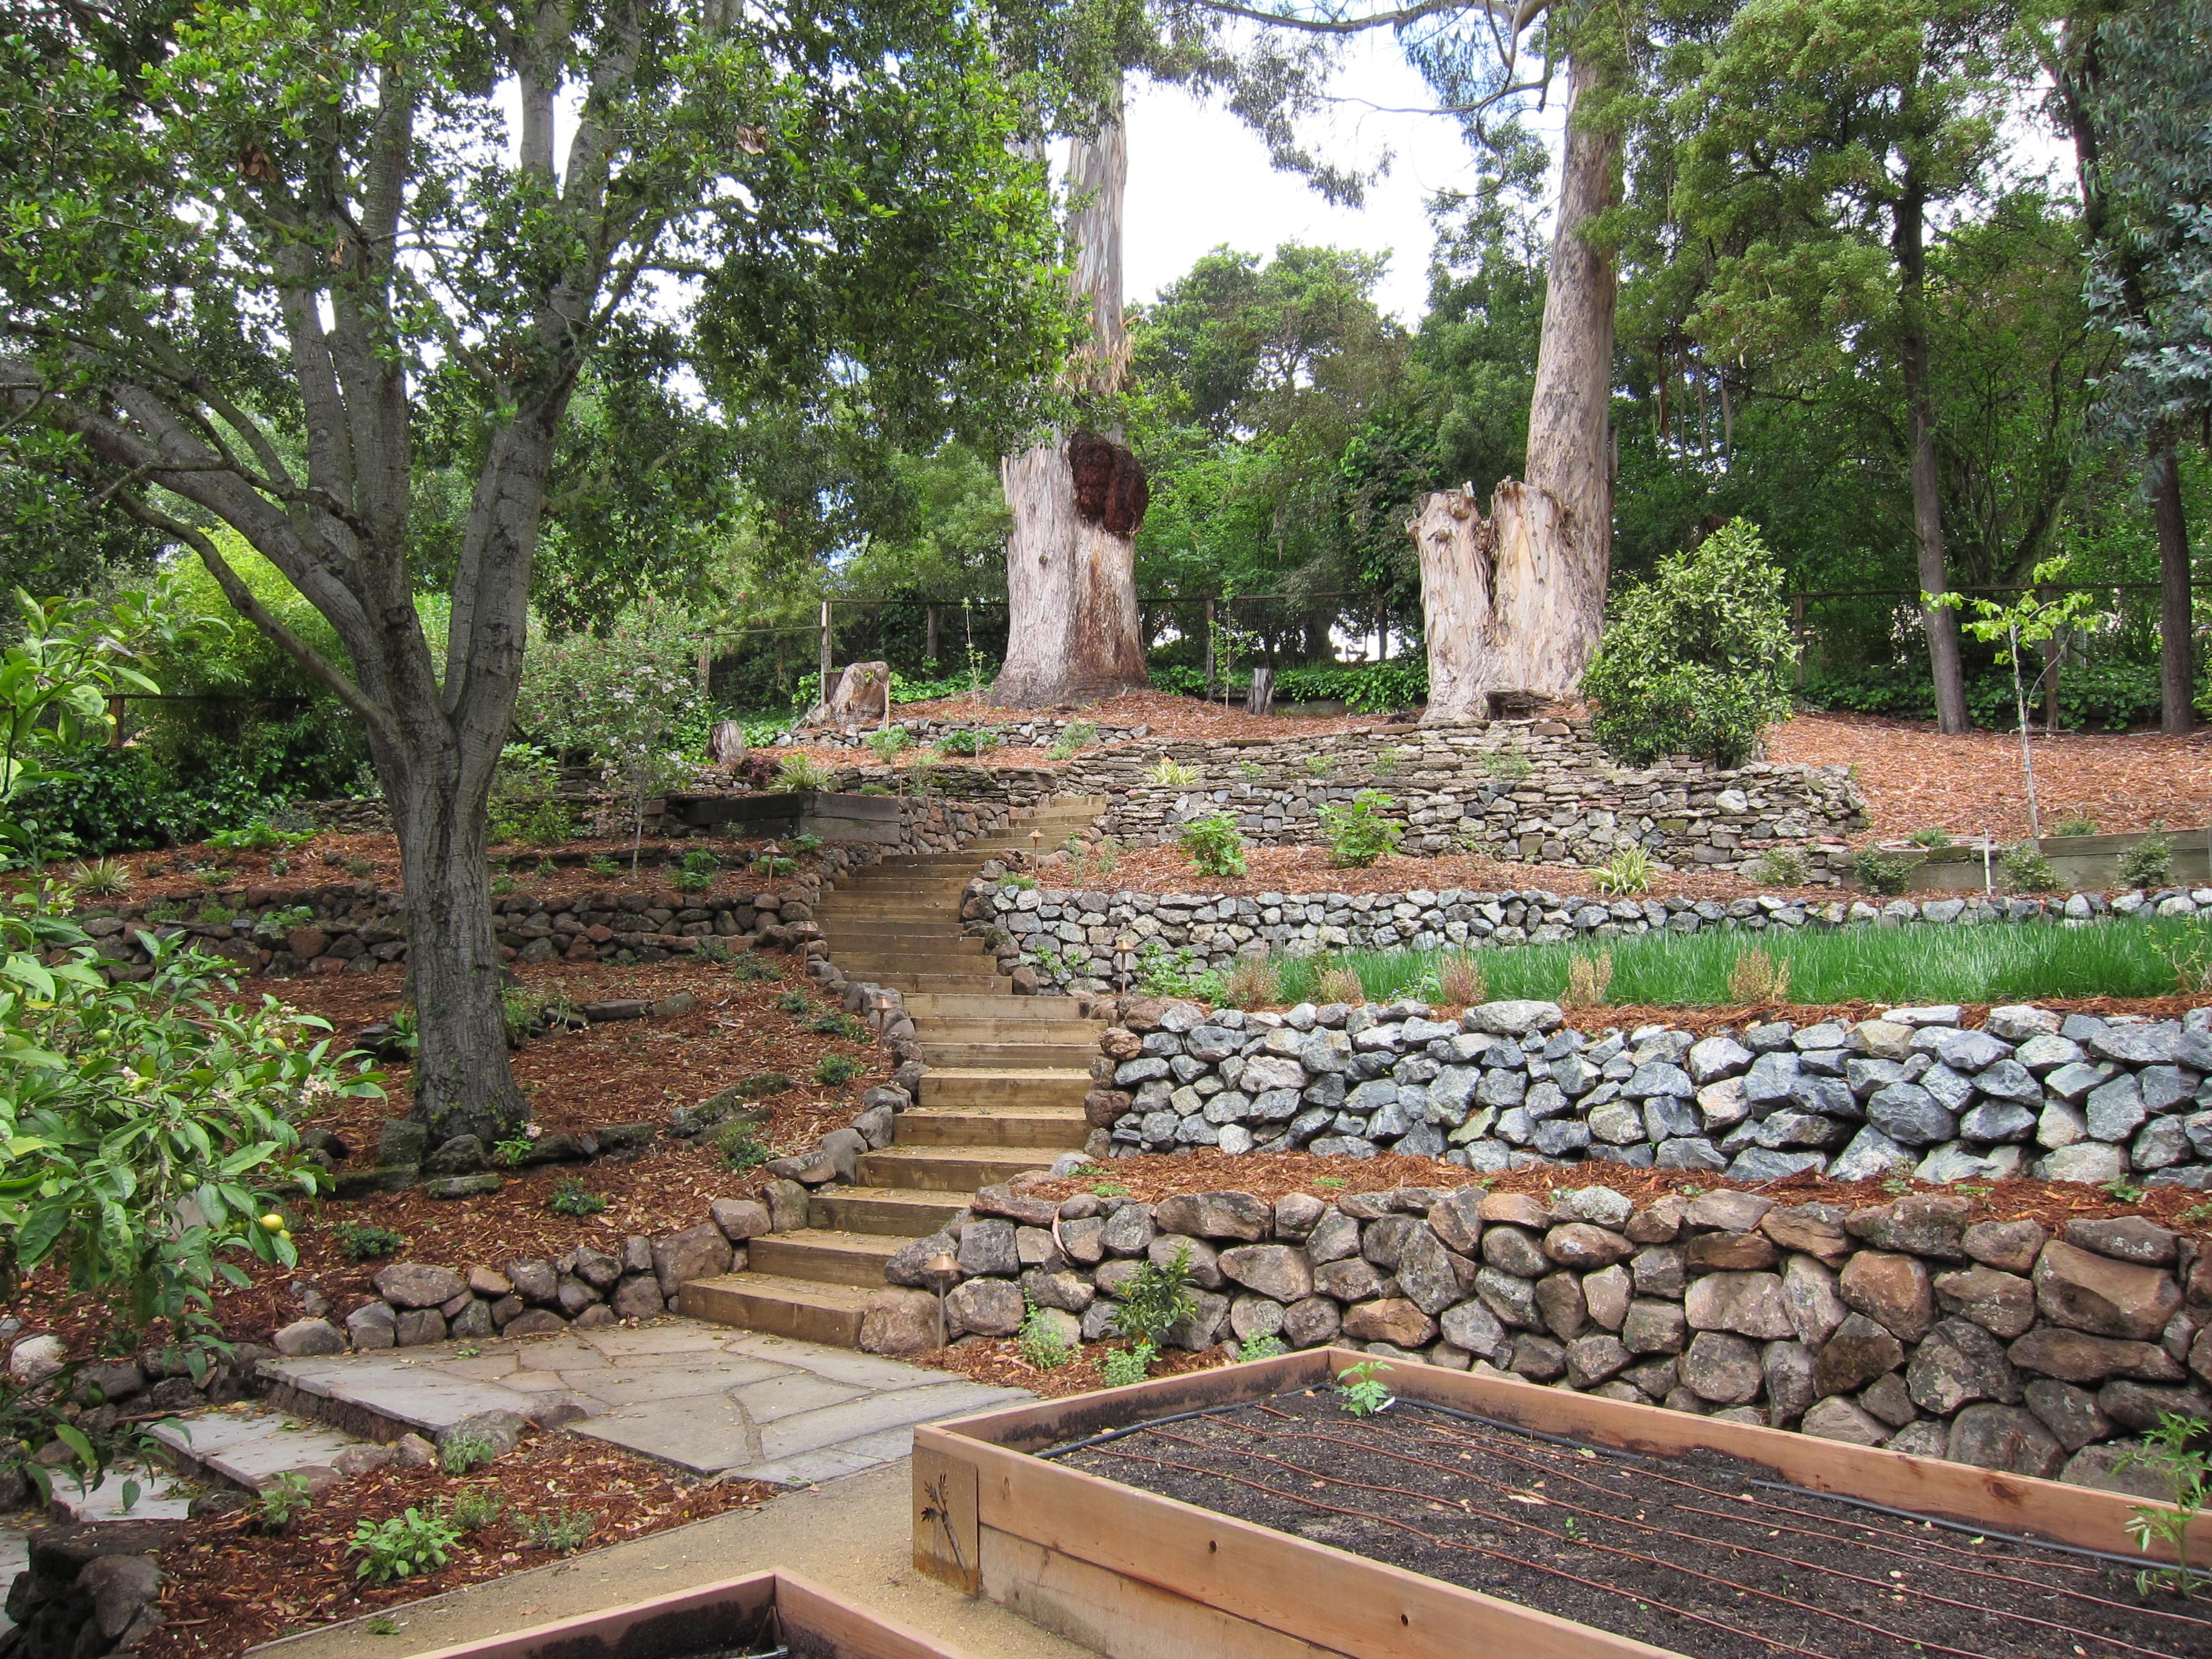 сад на склоне террасы террасирование